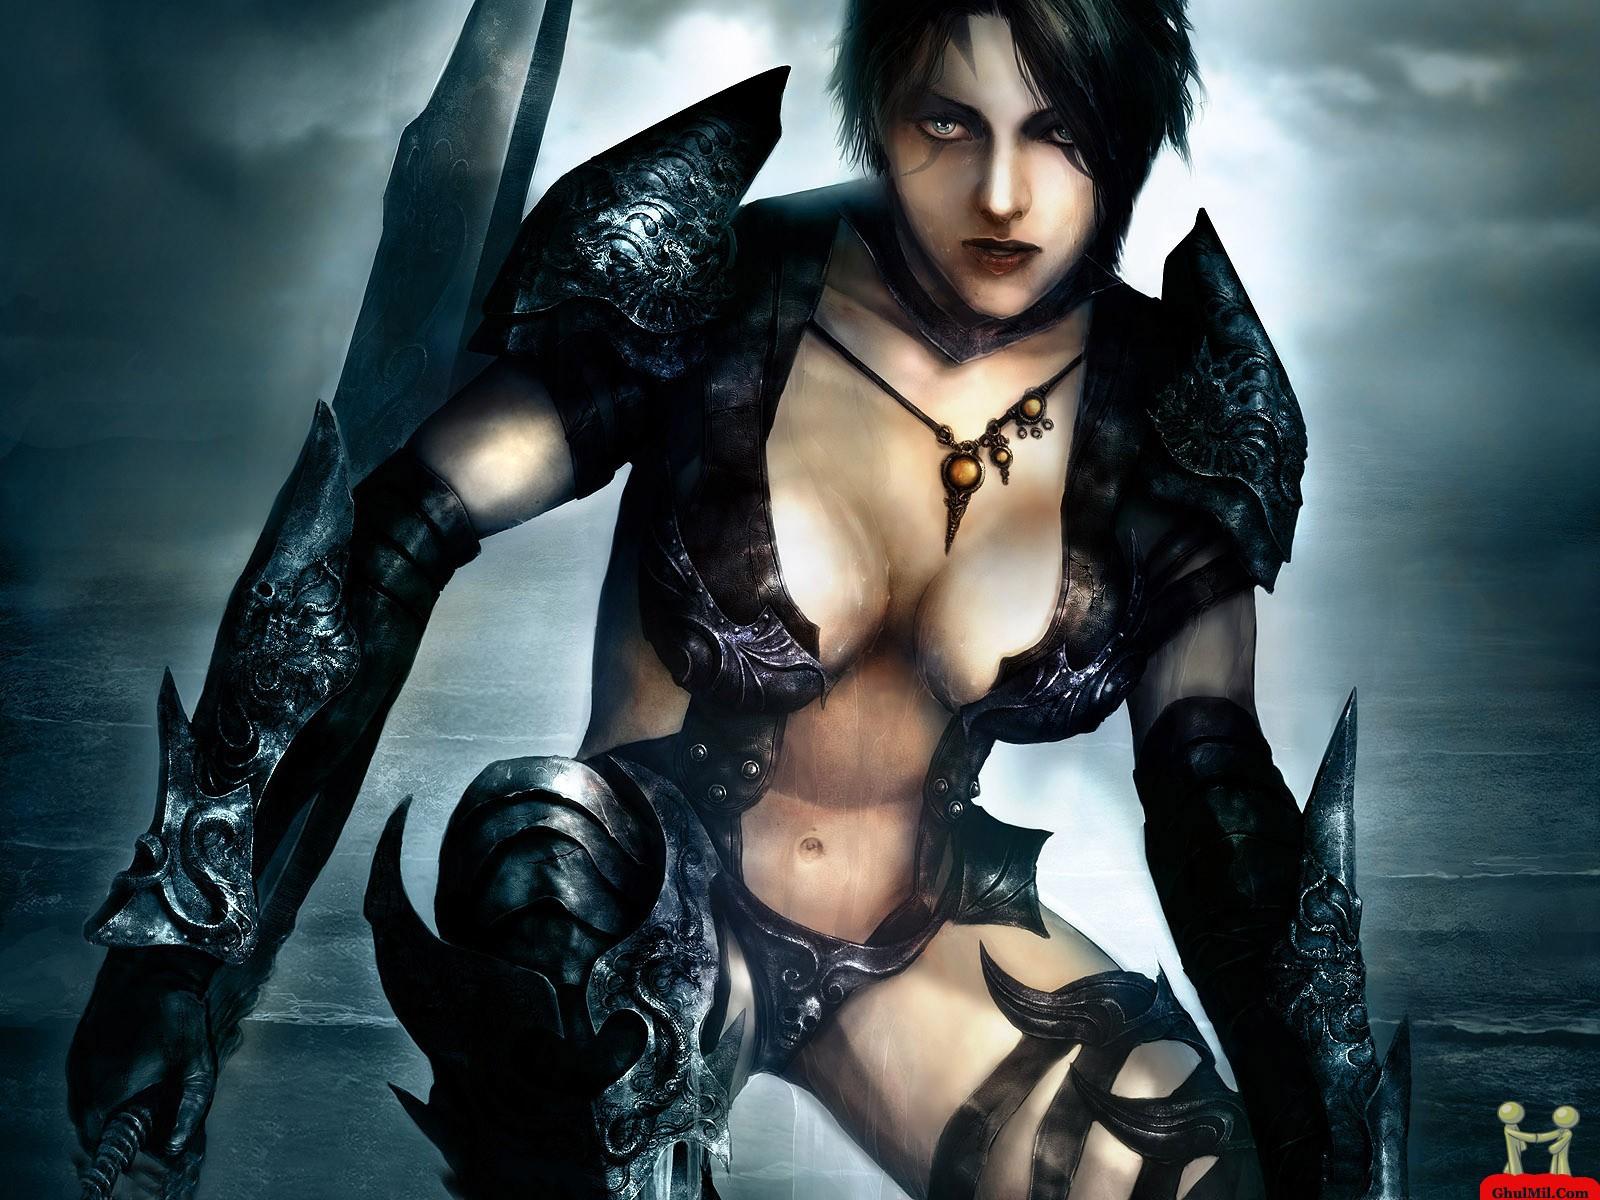 warrior girls sex pic